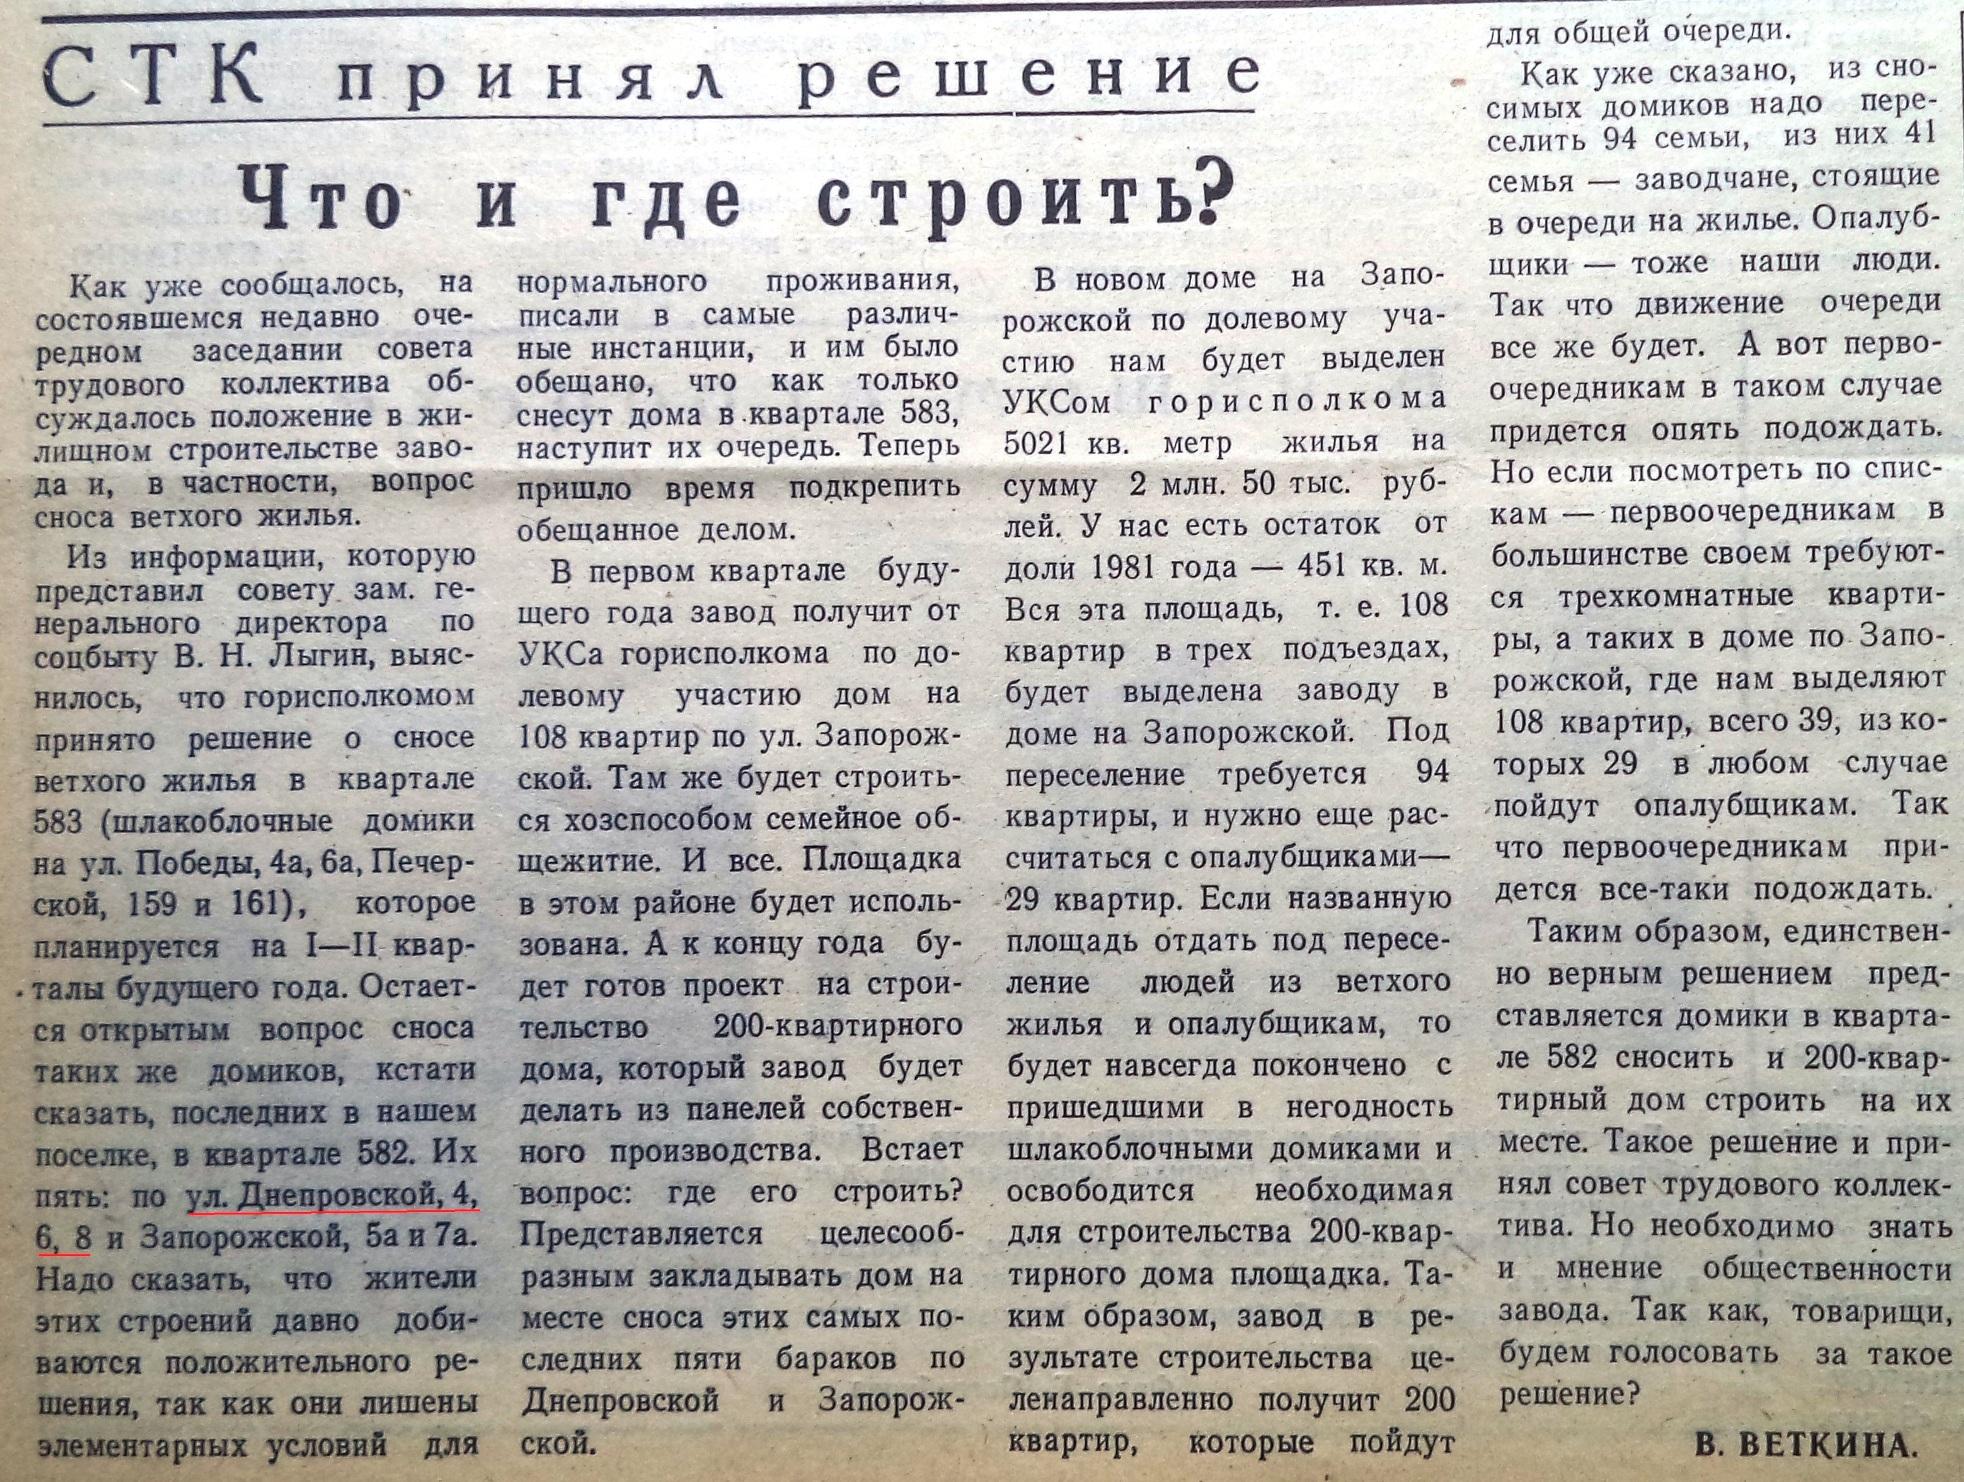 Днепровская-ФОТО-08-За боевые темпы-1989-25 августа